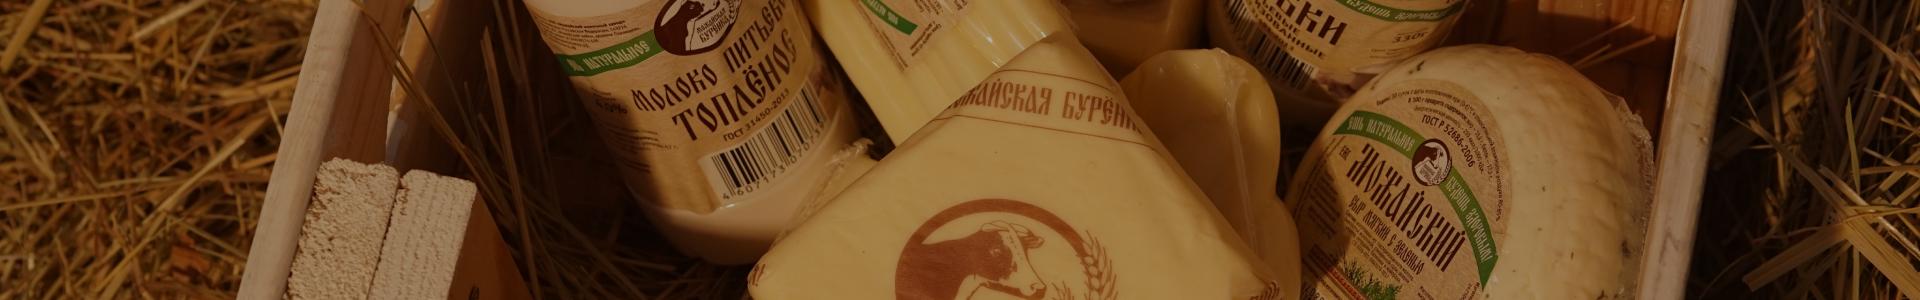 Можайская Буренка - Продукция